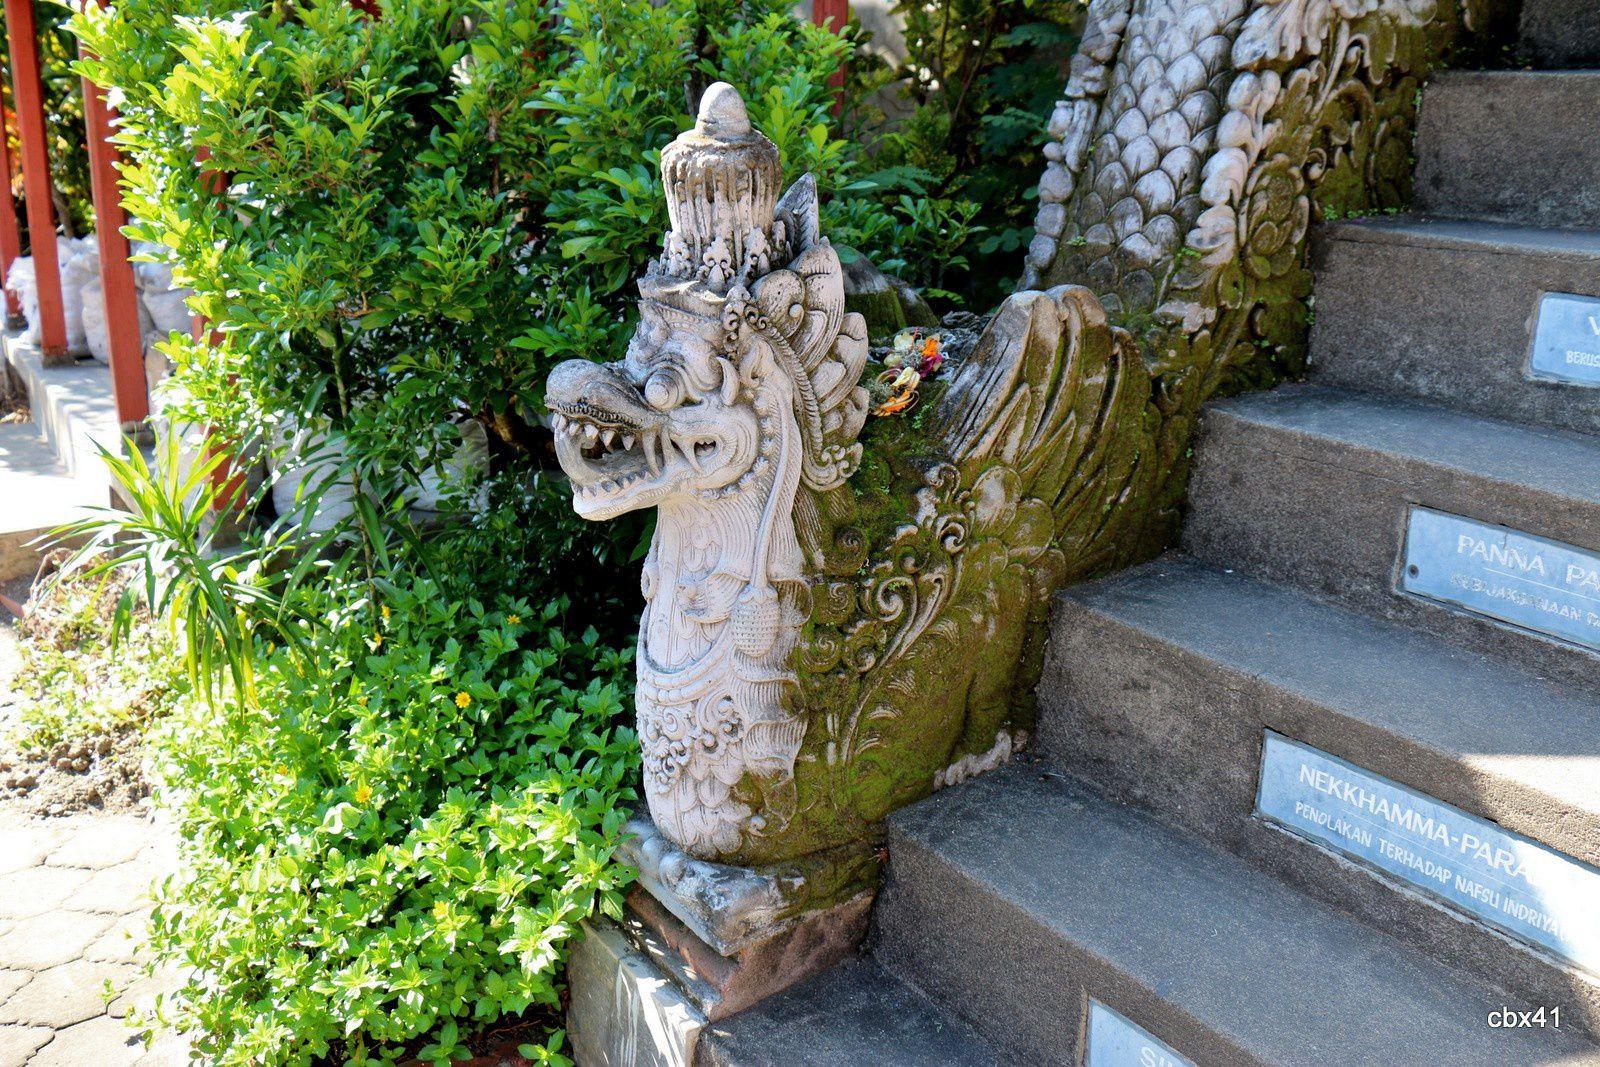 Brahma Vihara Arama, escaliers dans le monastère bouddhiste (Bali)